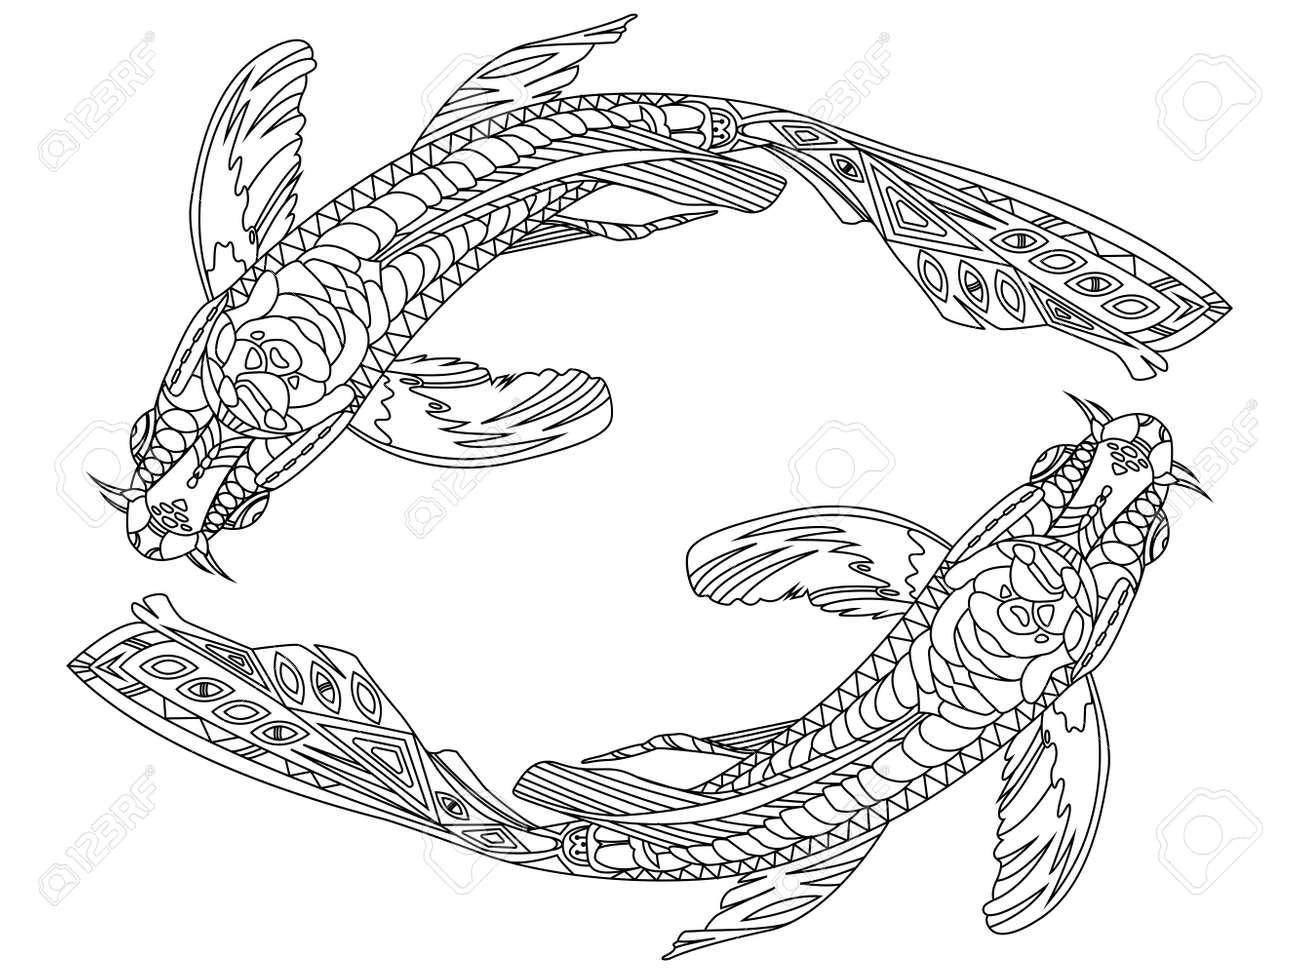 Koi-Karpfen Fisch Malbuch Für Erwachsene Vektor-Illustration ...